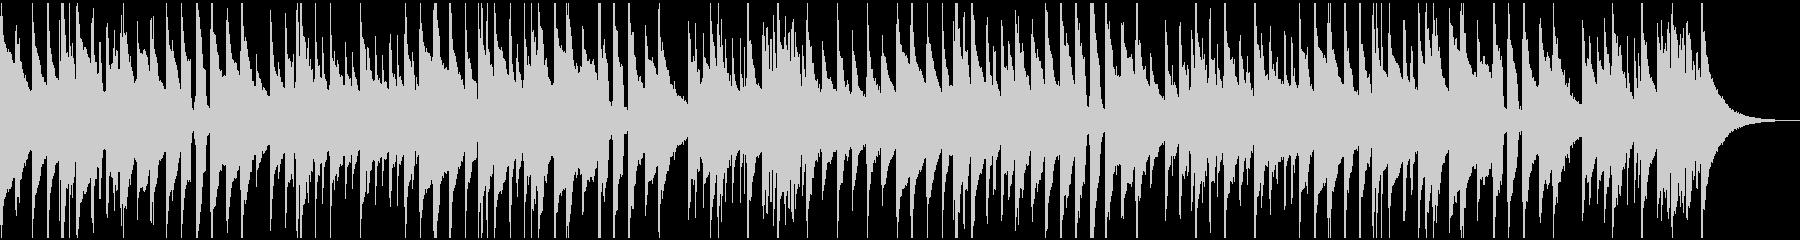 アコギのゆったりしたBGMの未再生の波形